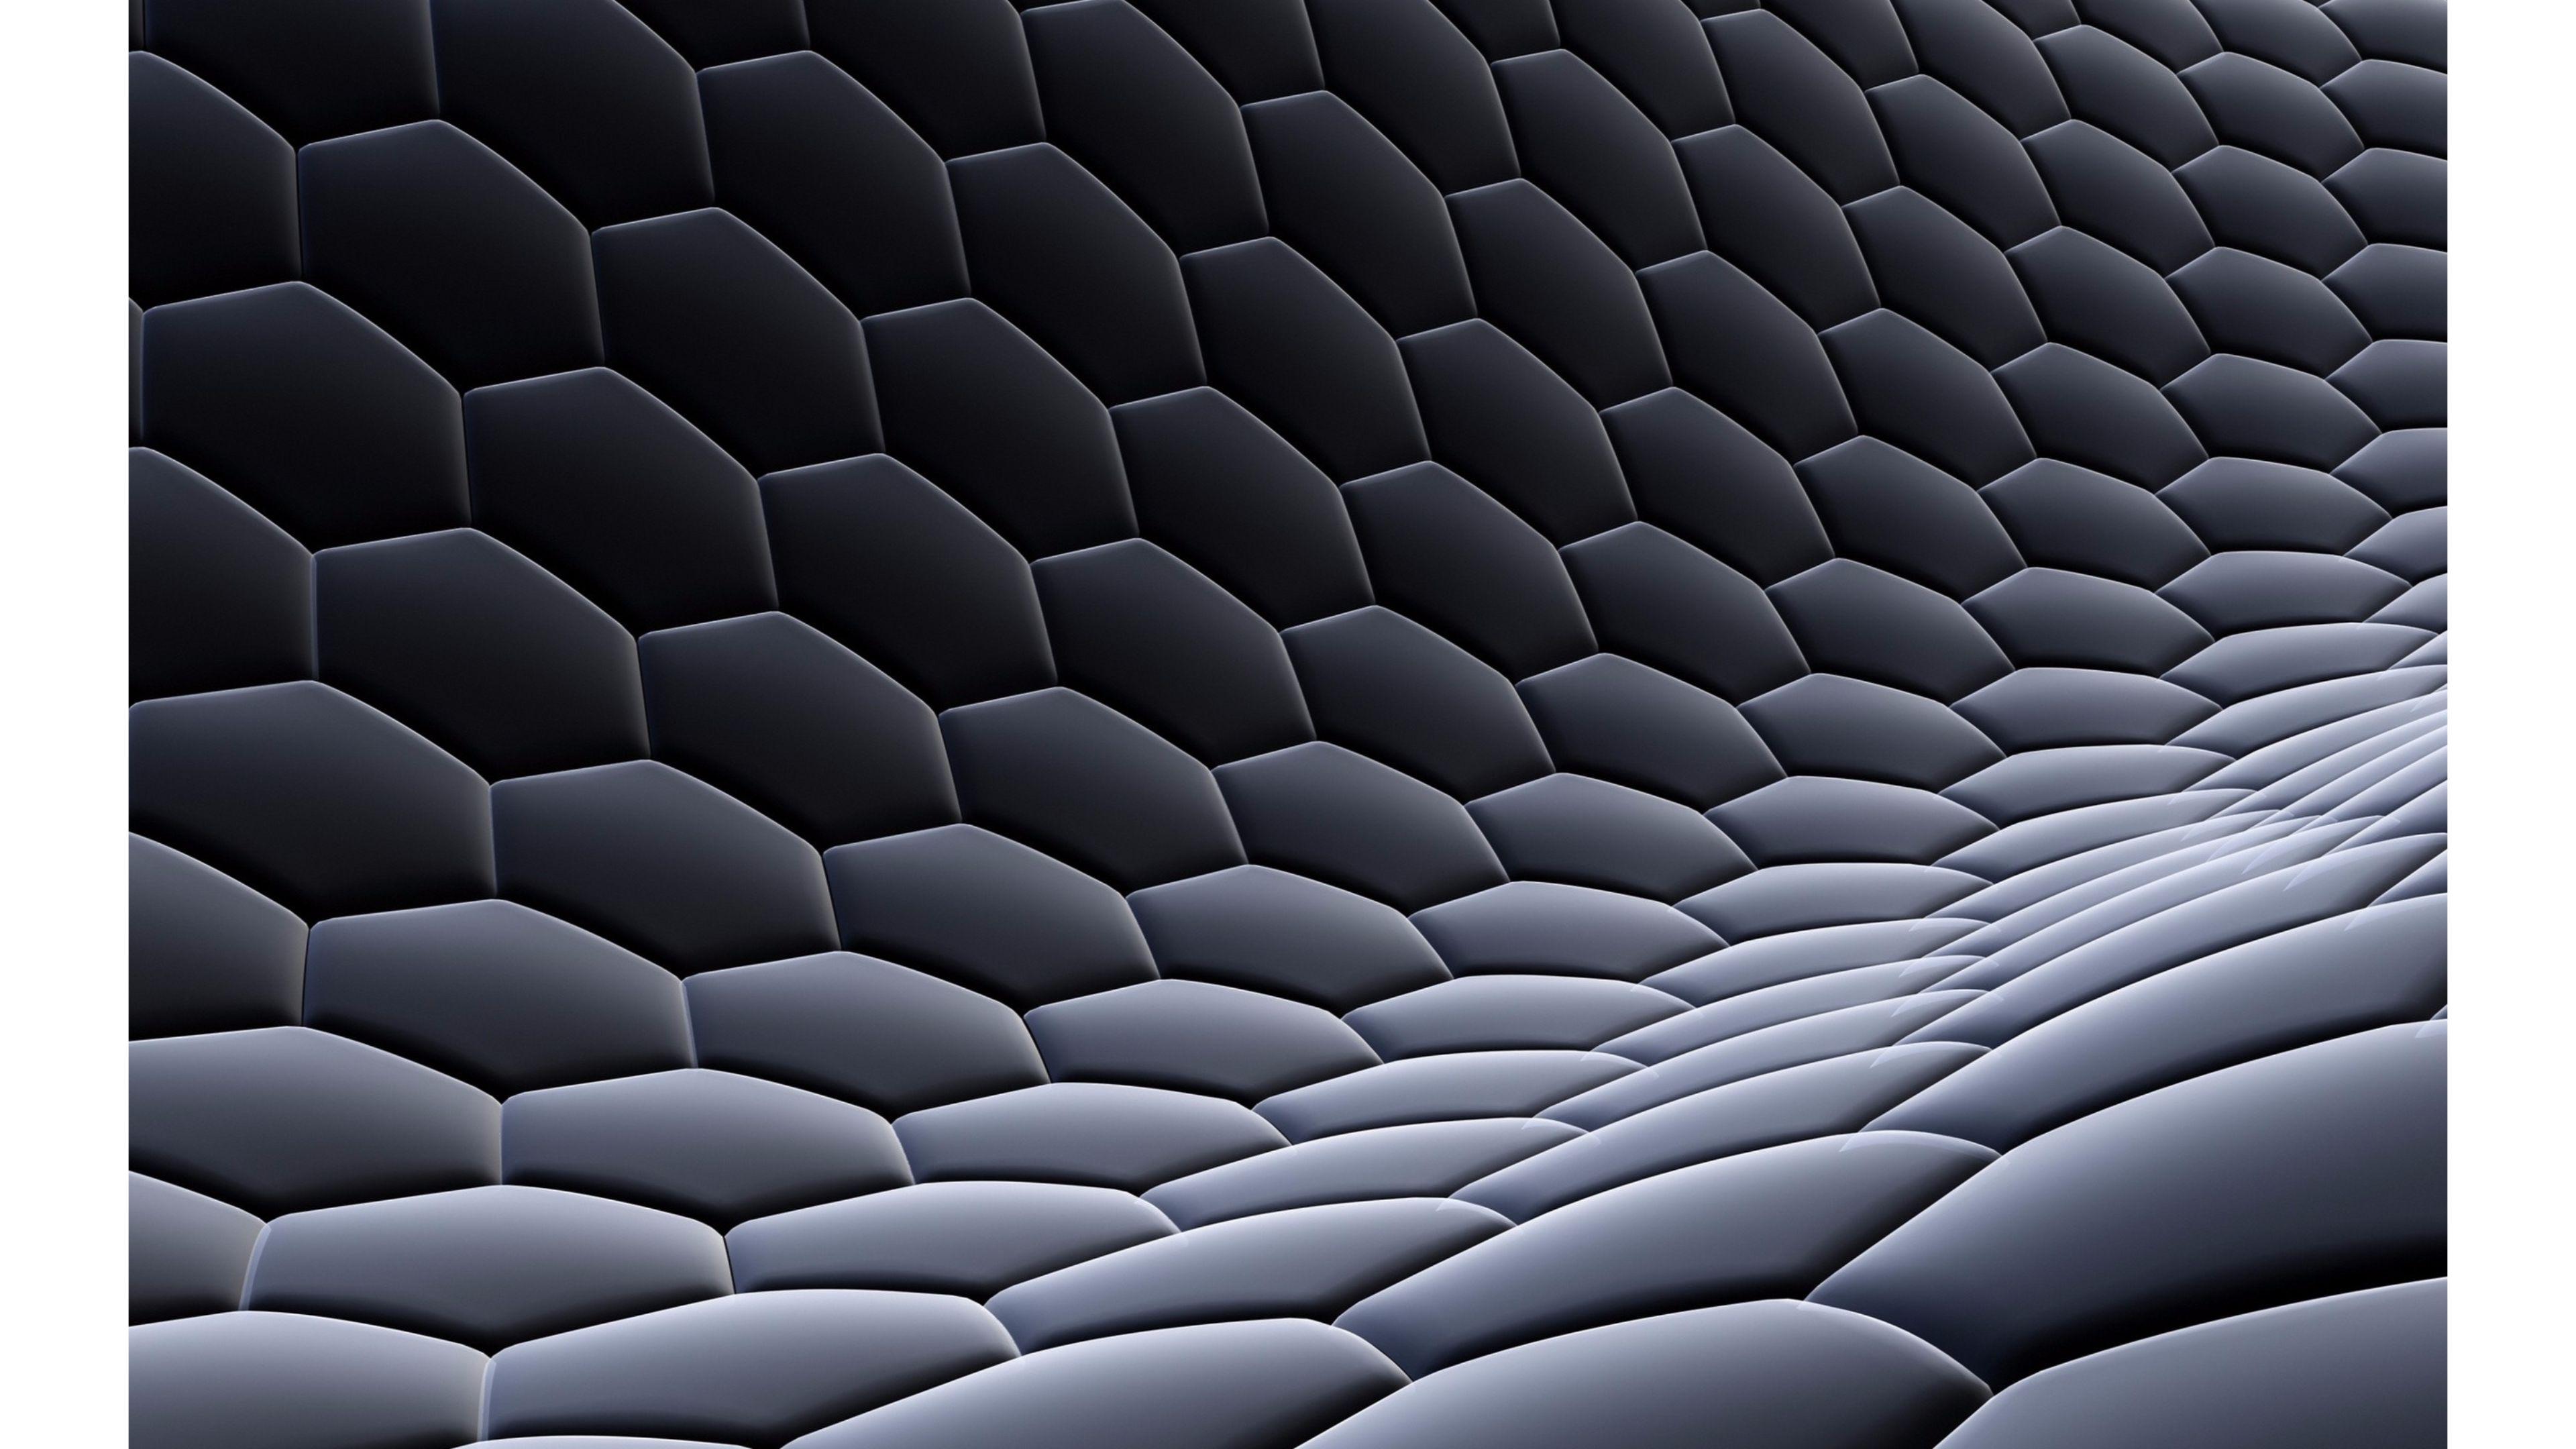 Black Wallpapers in 4K - WallpaperSafari